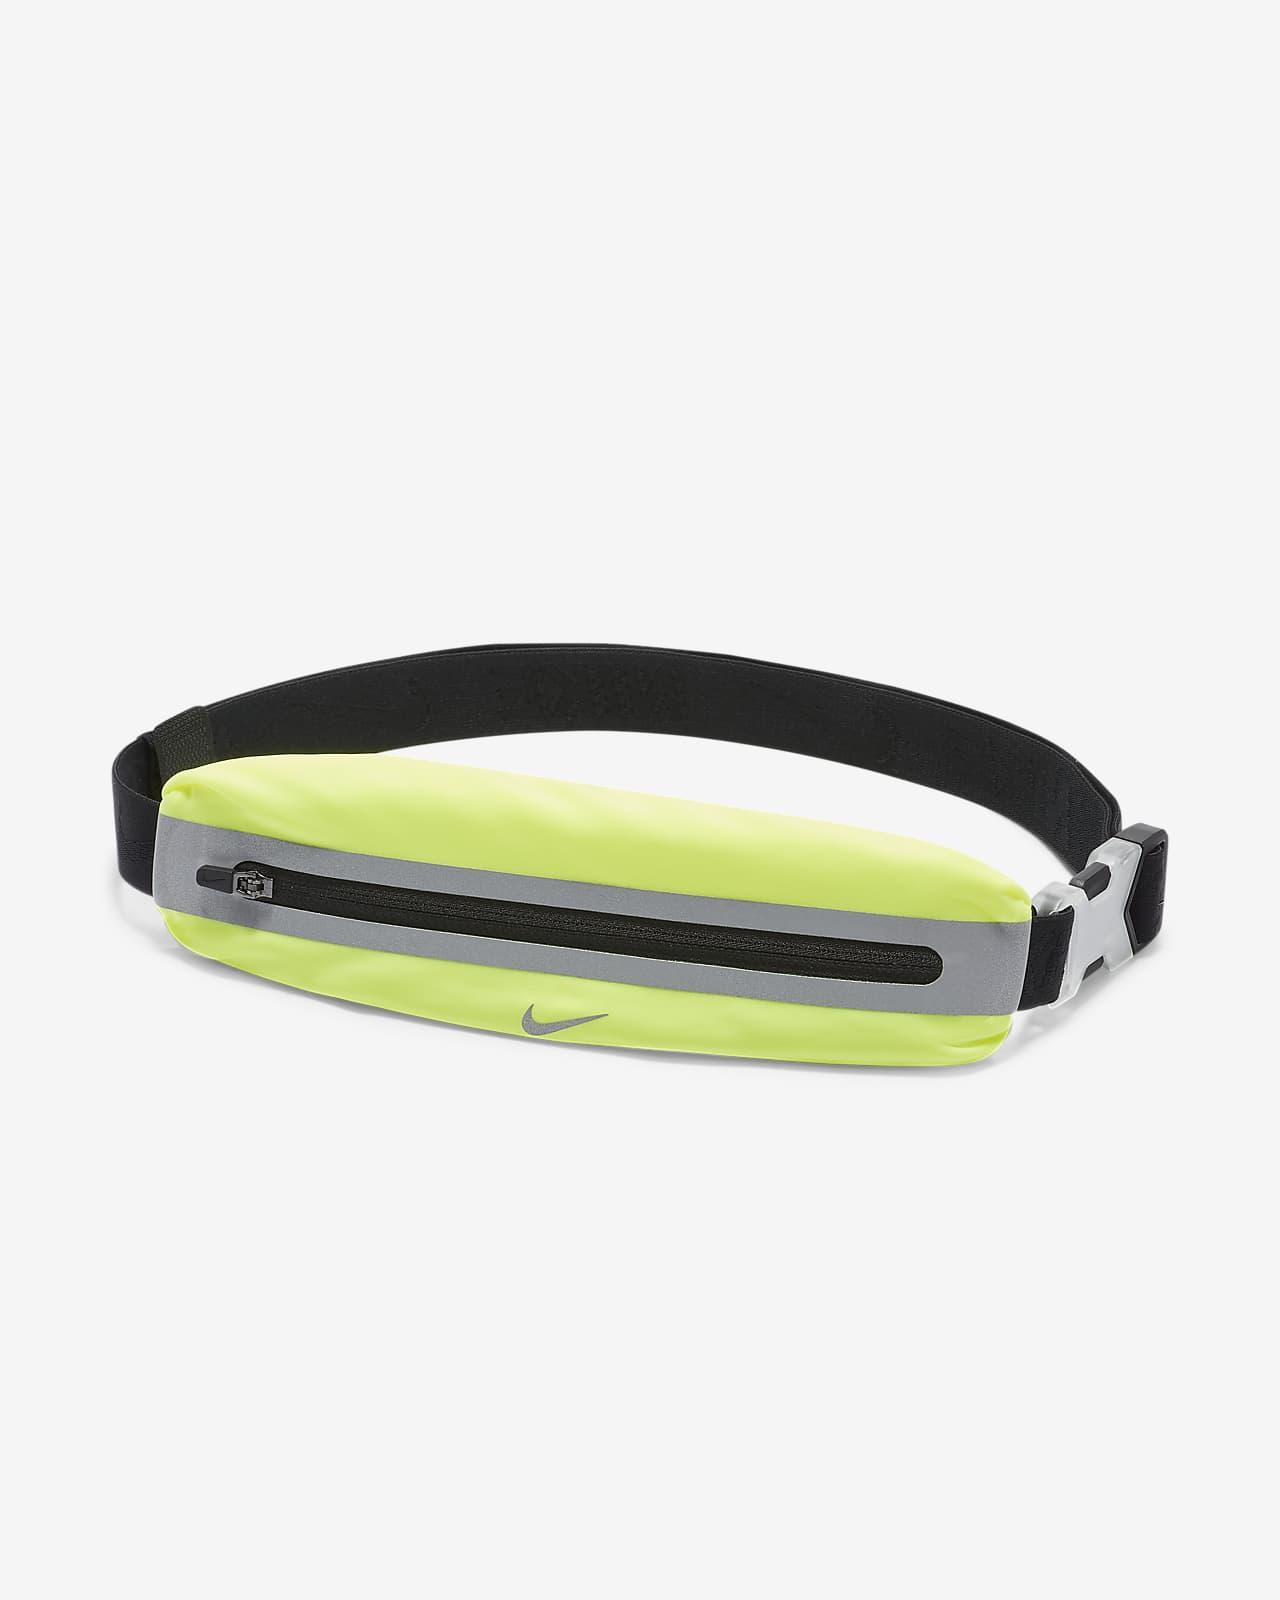 Midjeväska Nike Slim 2.0